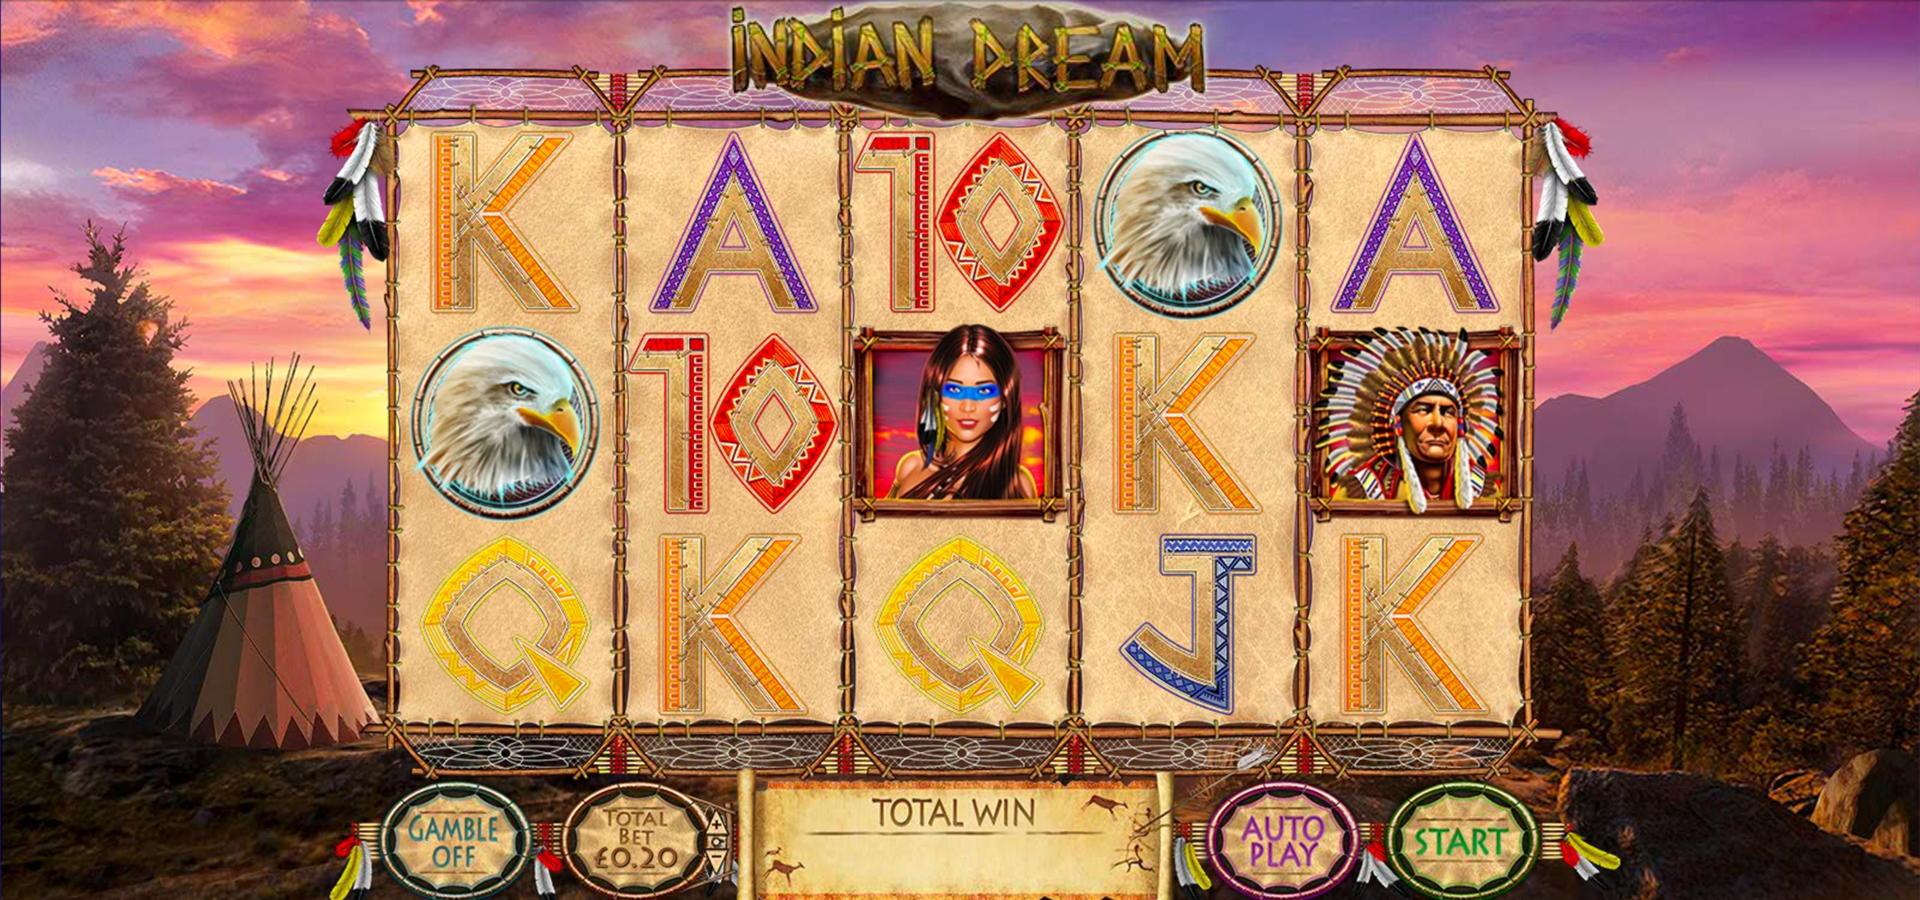 EURO 4345 ไม่มีโบนัสเงินฝากที่ Ignition Casino